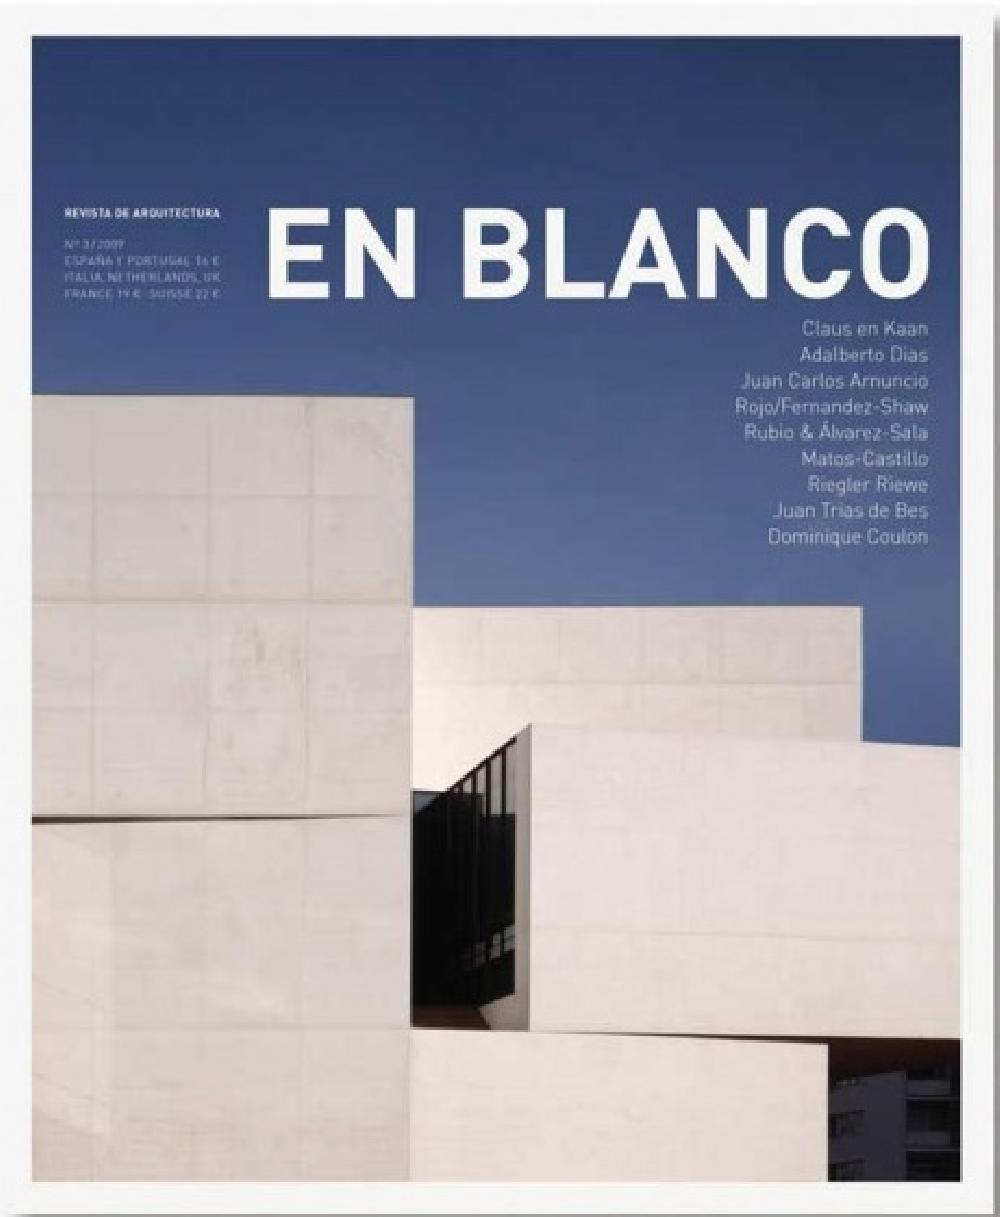 En Blanco 3 : Claus En Kaan, Matos y Castillo, Dominique Coulon